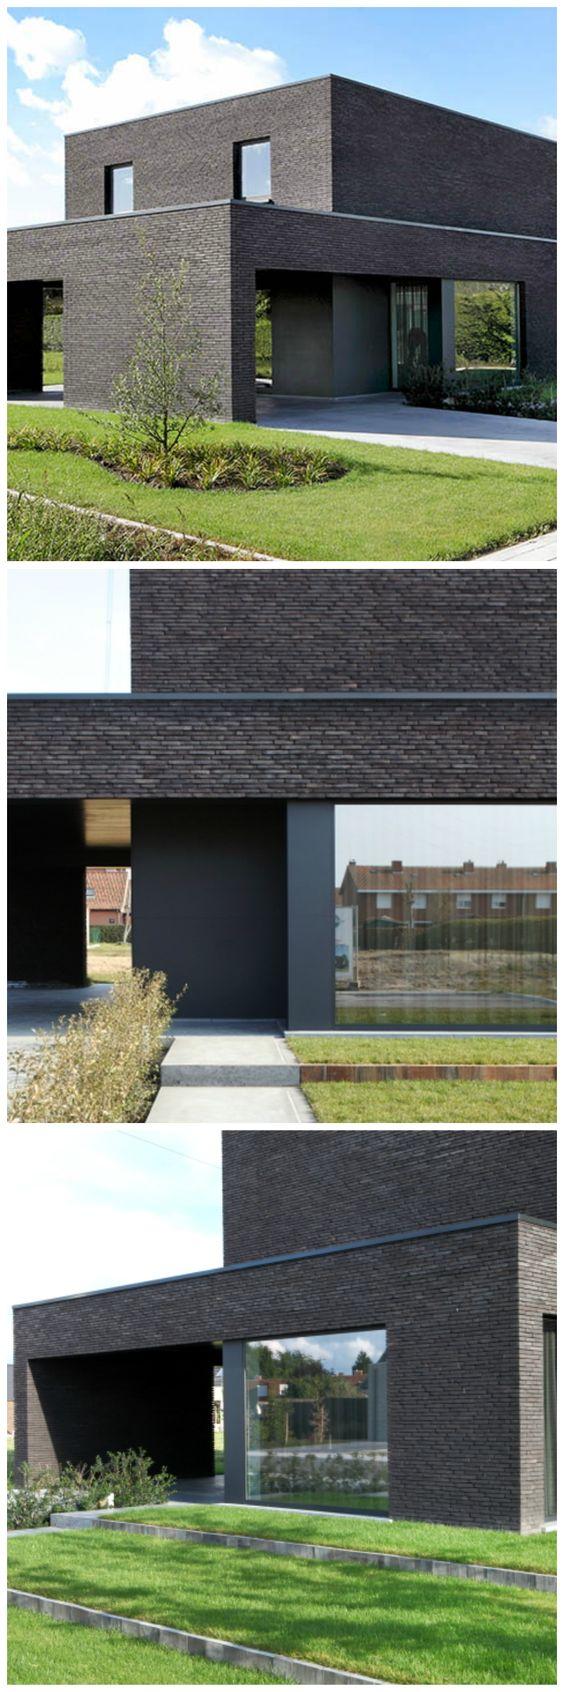 Nieuwbouw • modern • donkere gevelsteen • plat dak • Foto: www.huyzentruyt.be